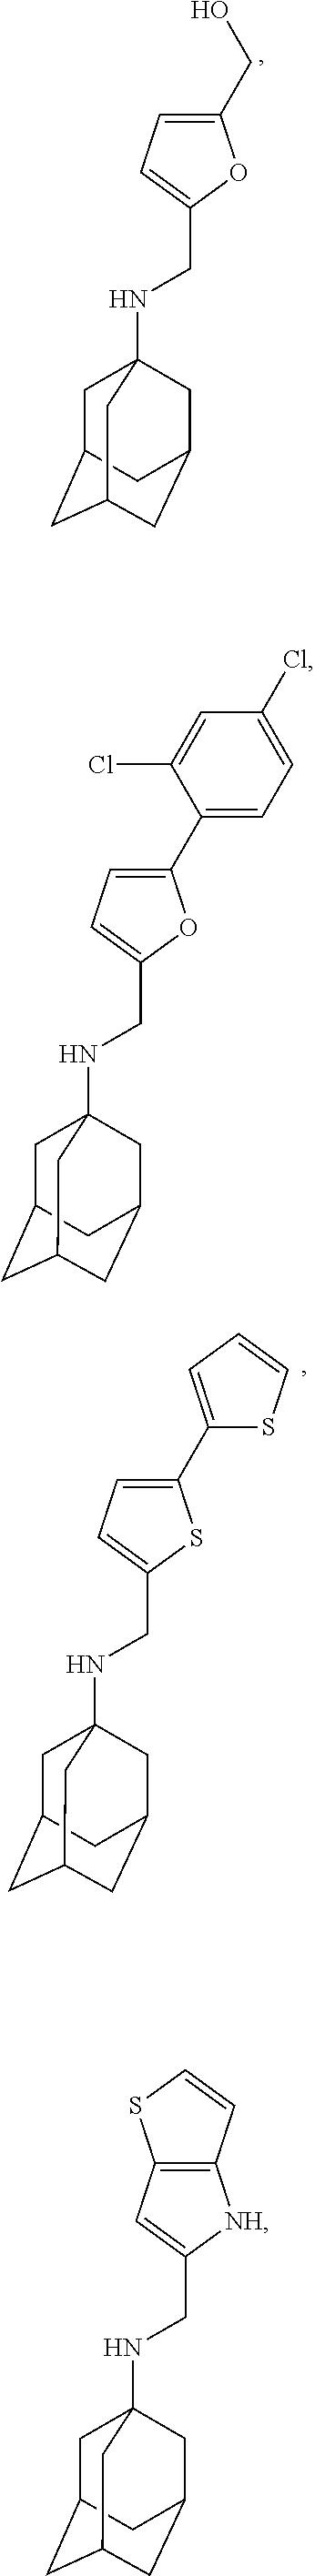 Figure US09884832-20180206-C00122